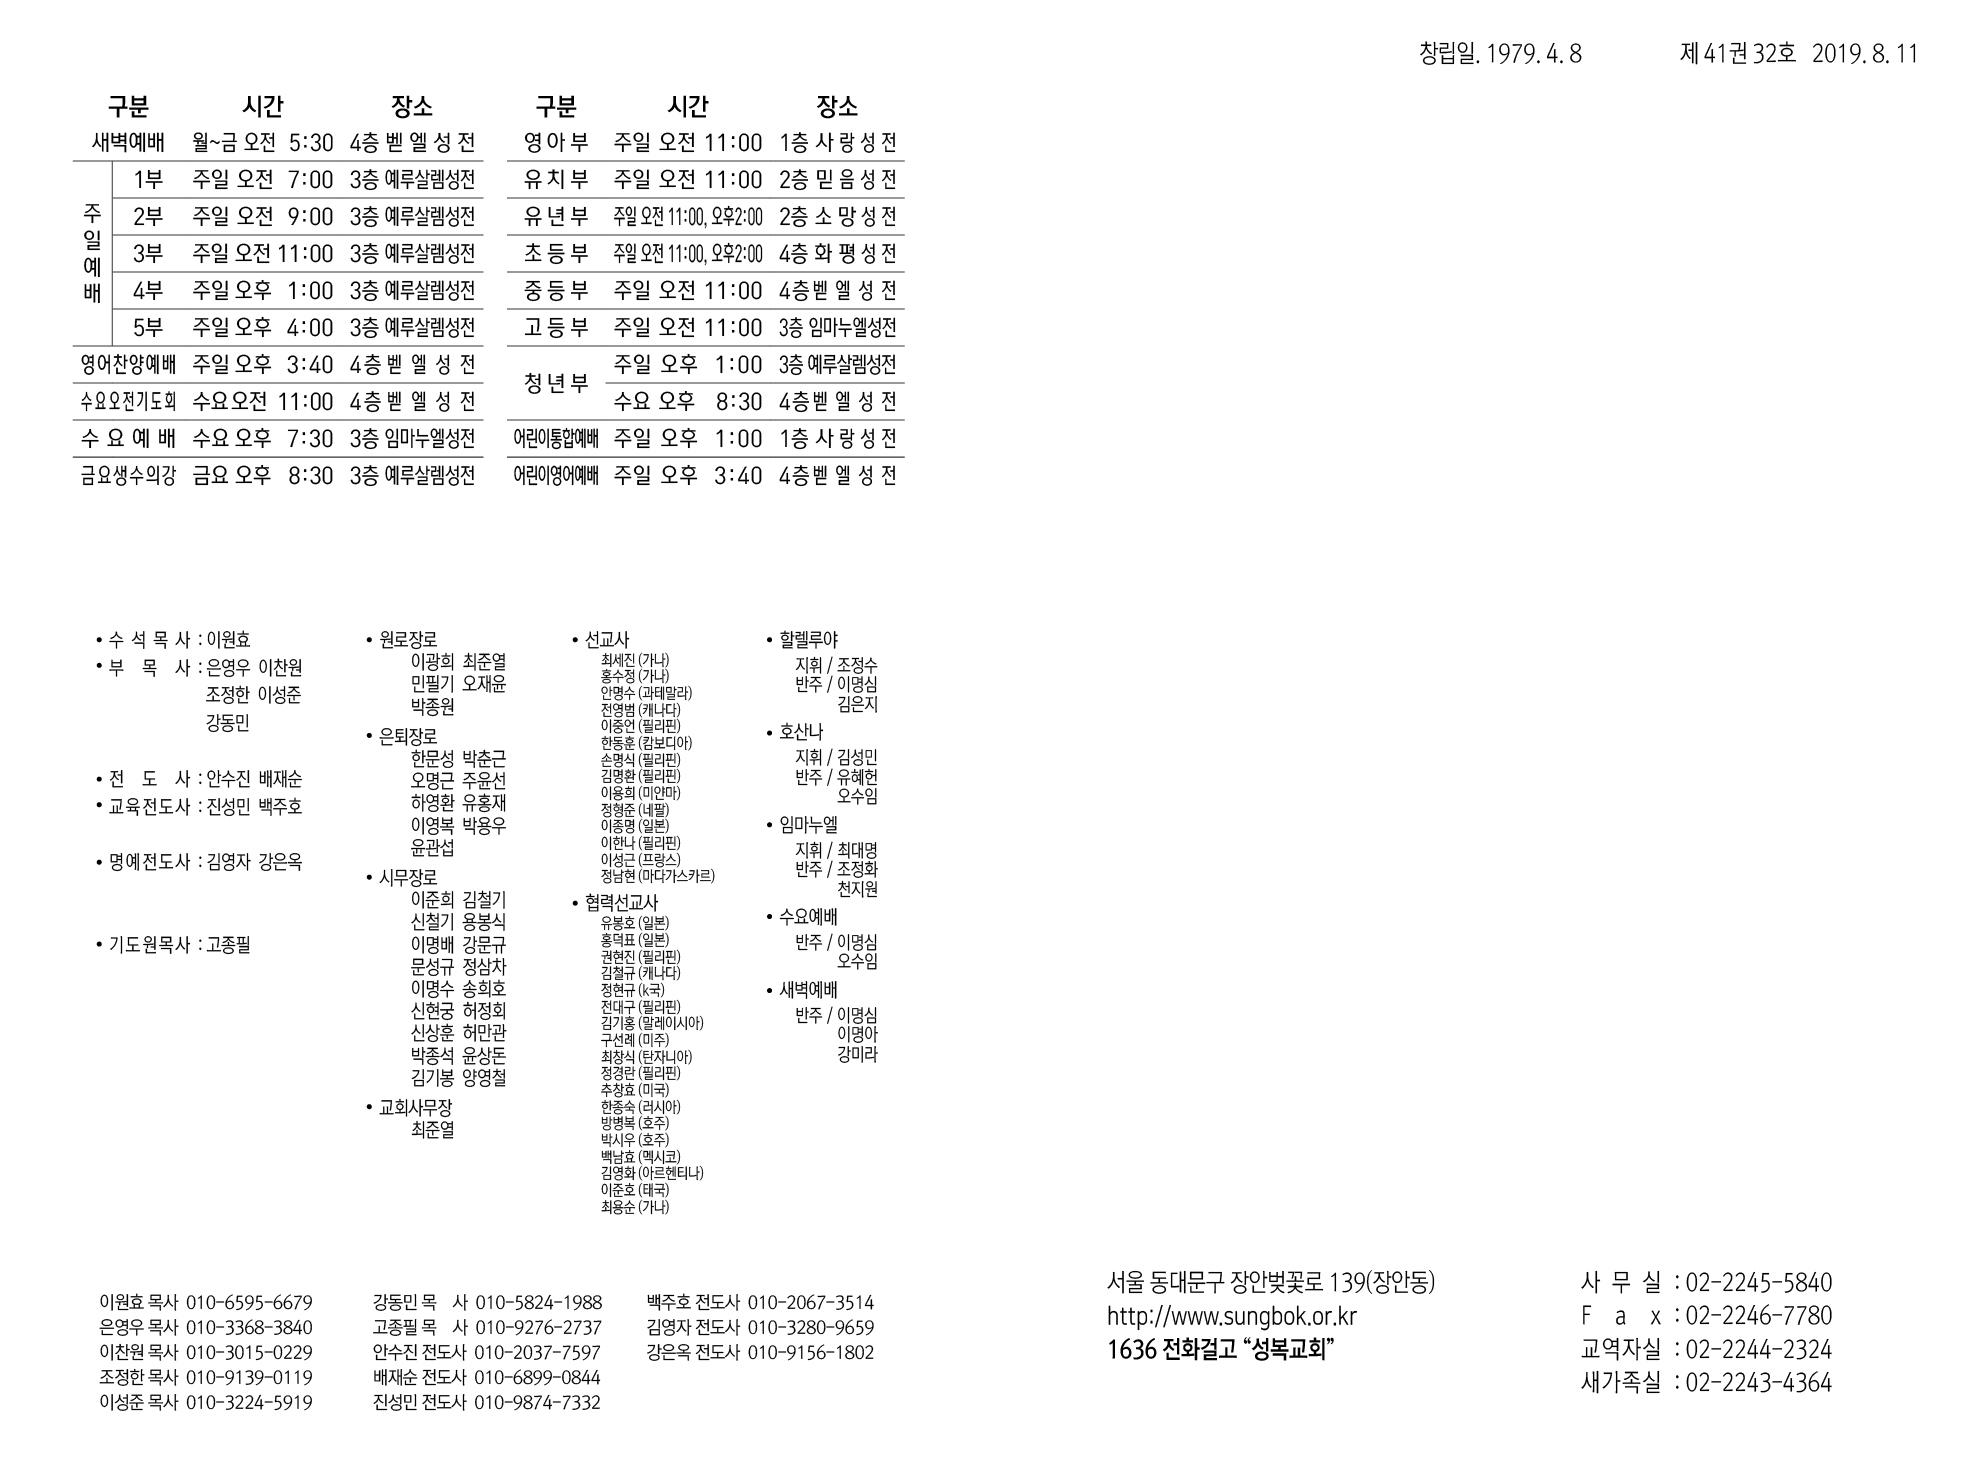 dbb3d34c152ef022a57a943d7d01424b.jpg